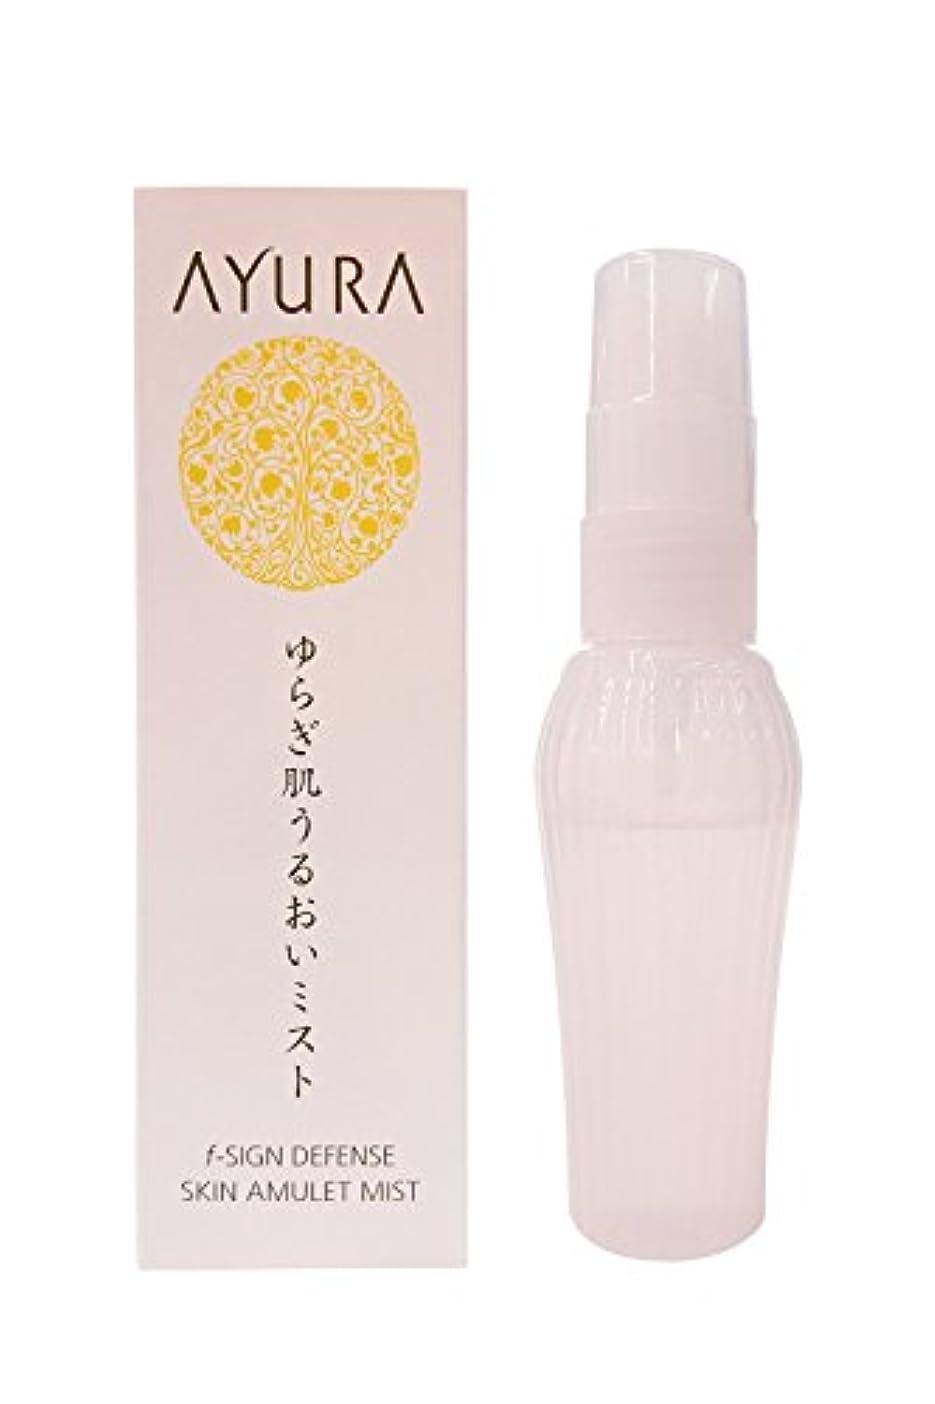 ツインくるみネックレットアユーラ (AYURA) fサインディフェンス スキンアミュレットミスト 50mL 〈敏感肌用 化粧水〉 うるおい 保湿 ミスト